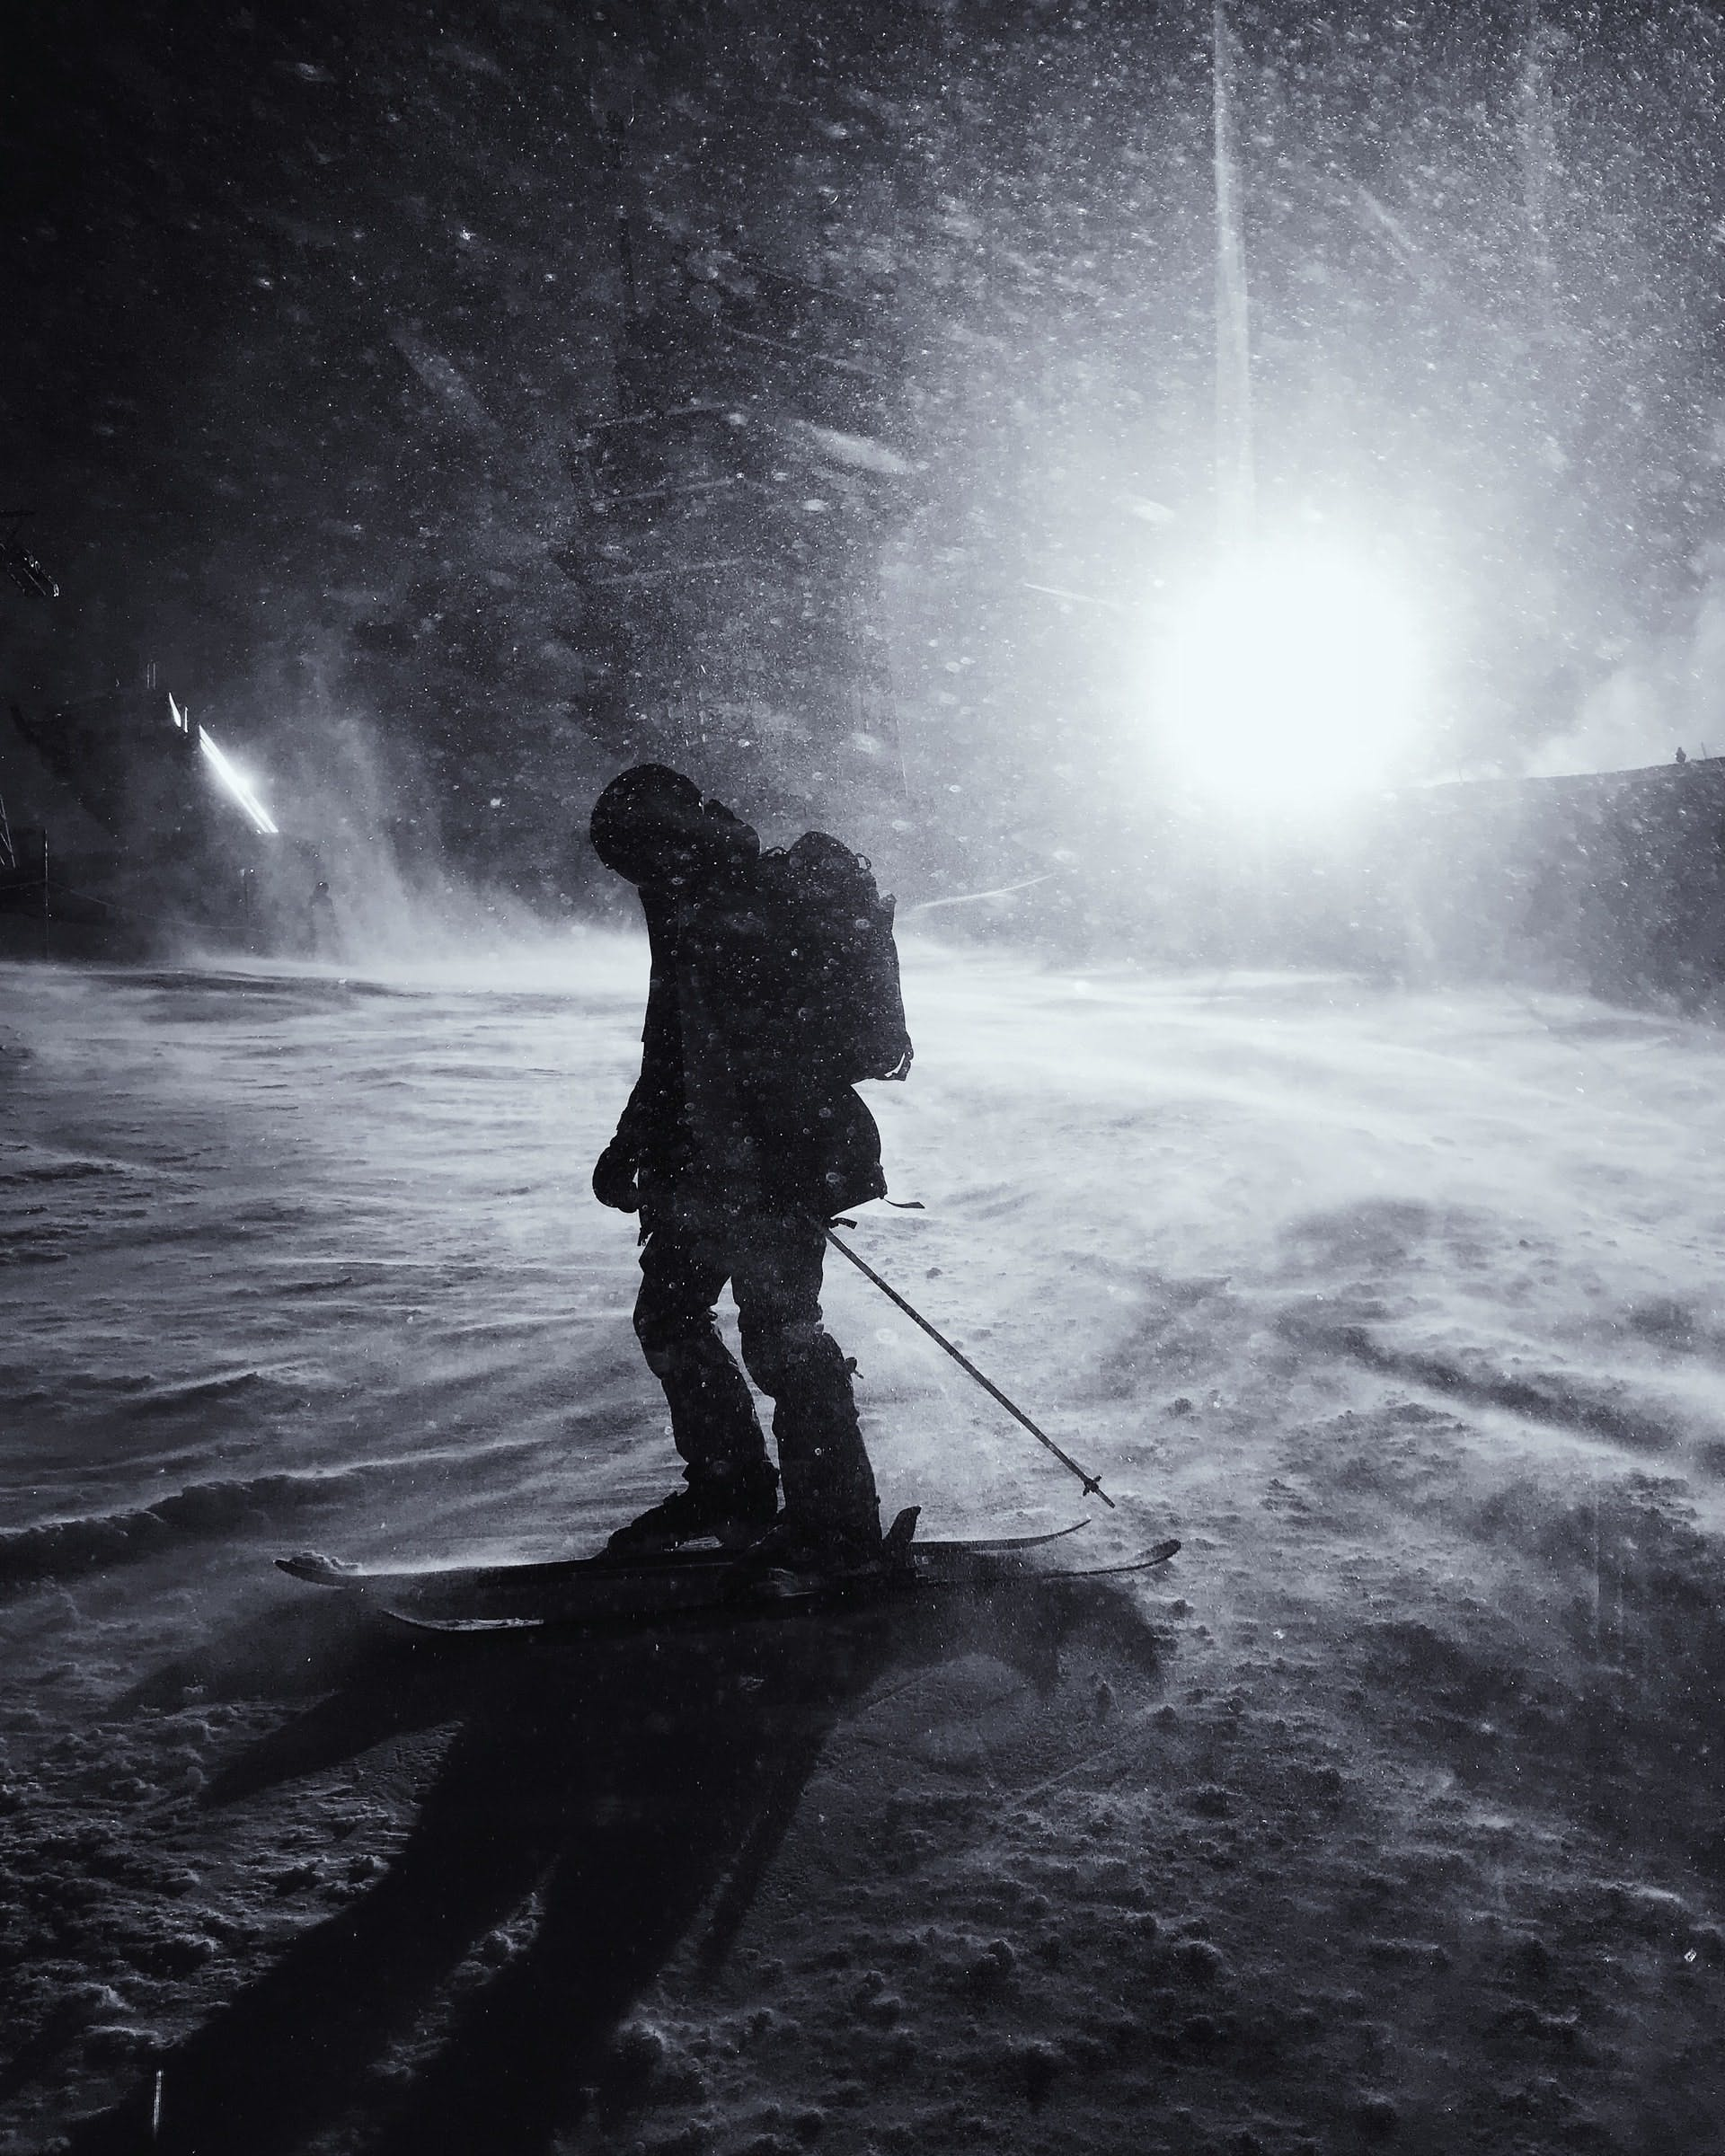 ski touring at night